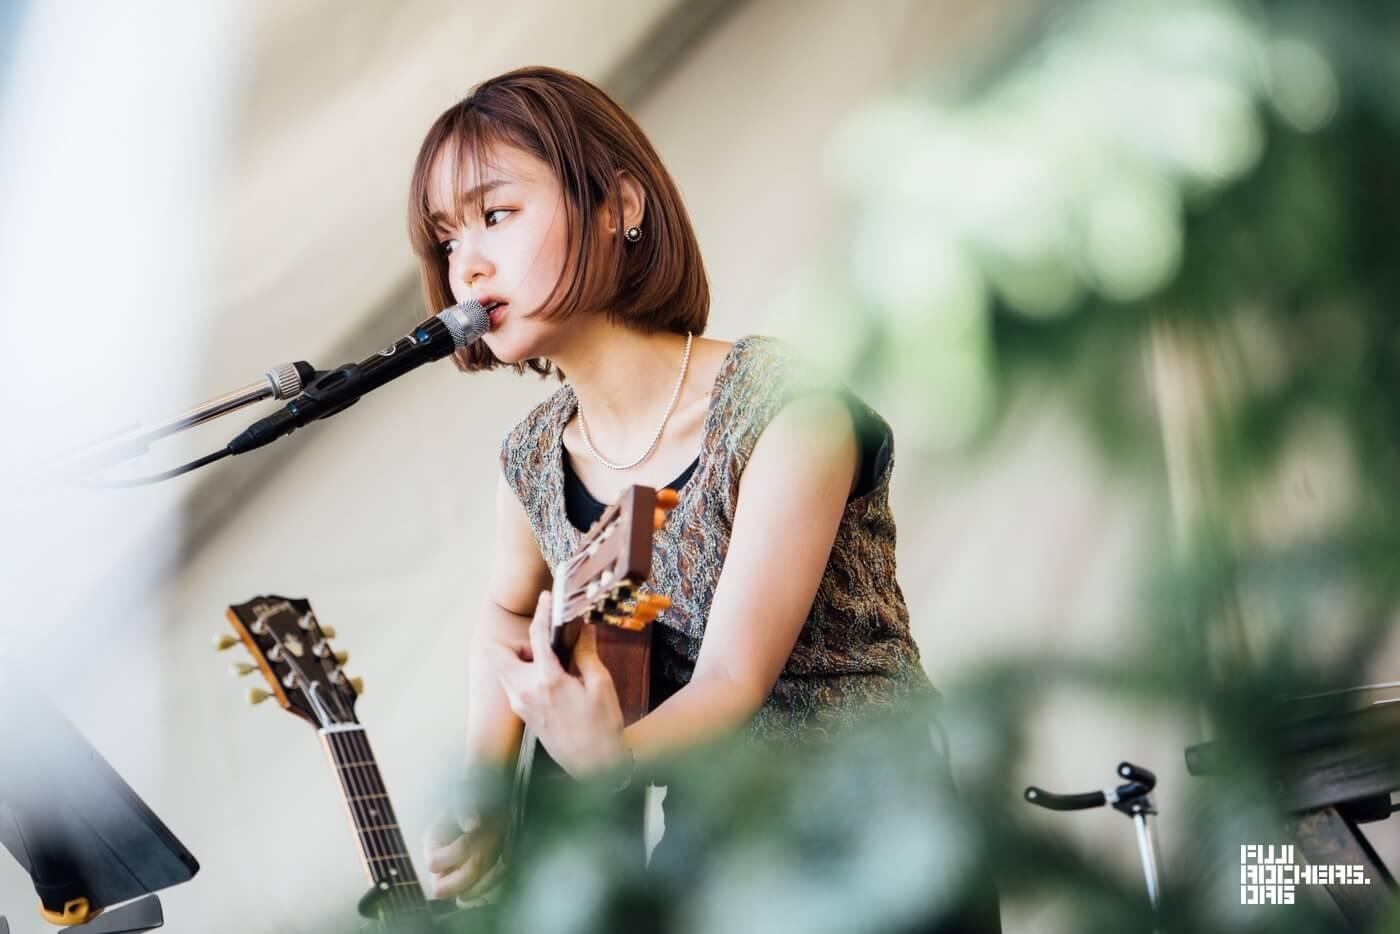 Sakura Fujiwara